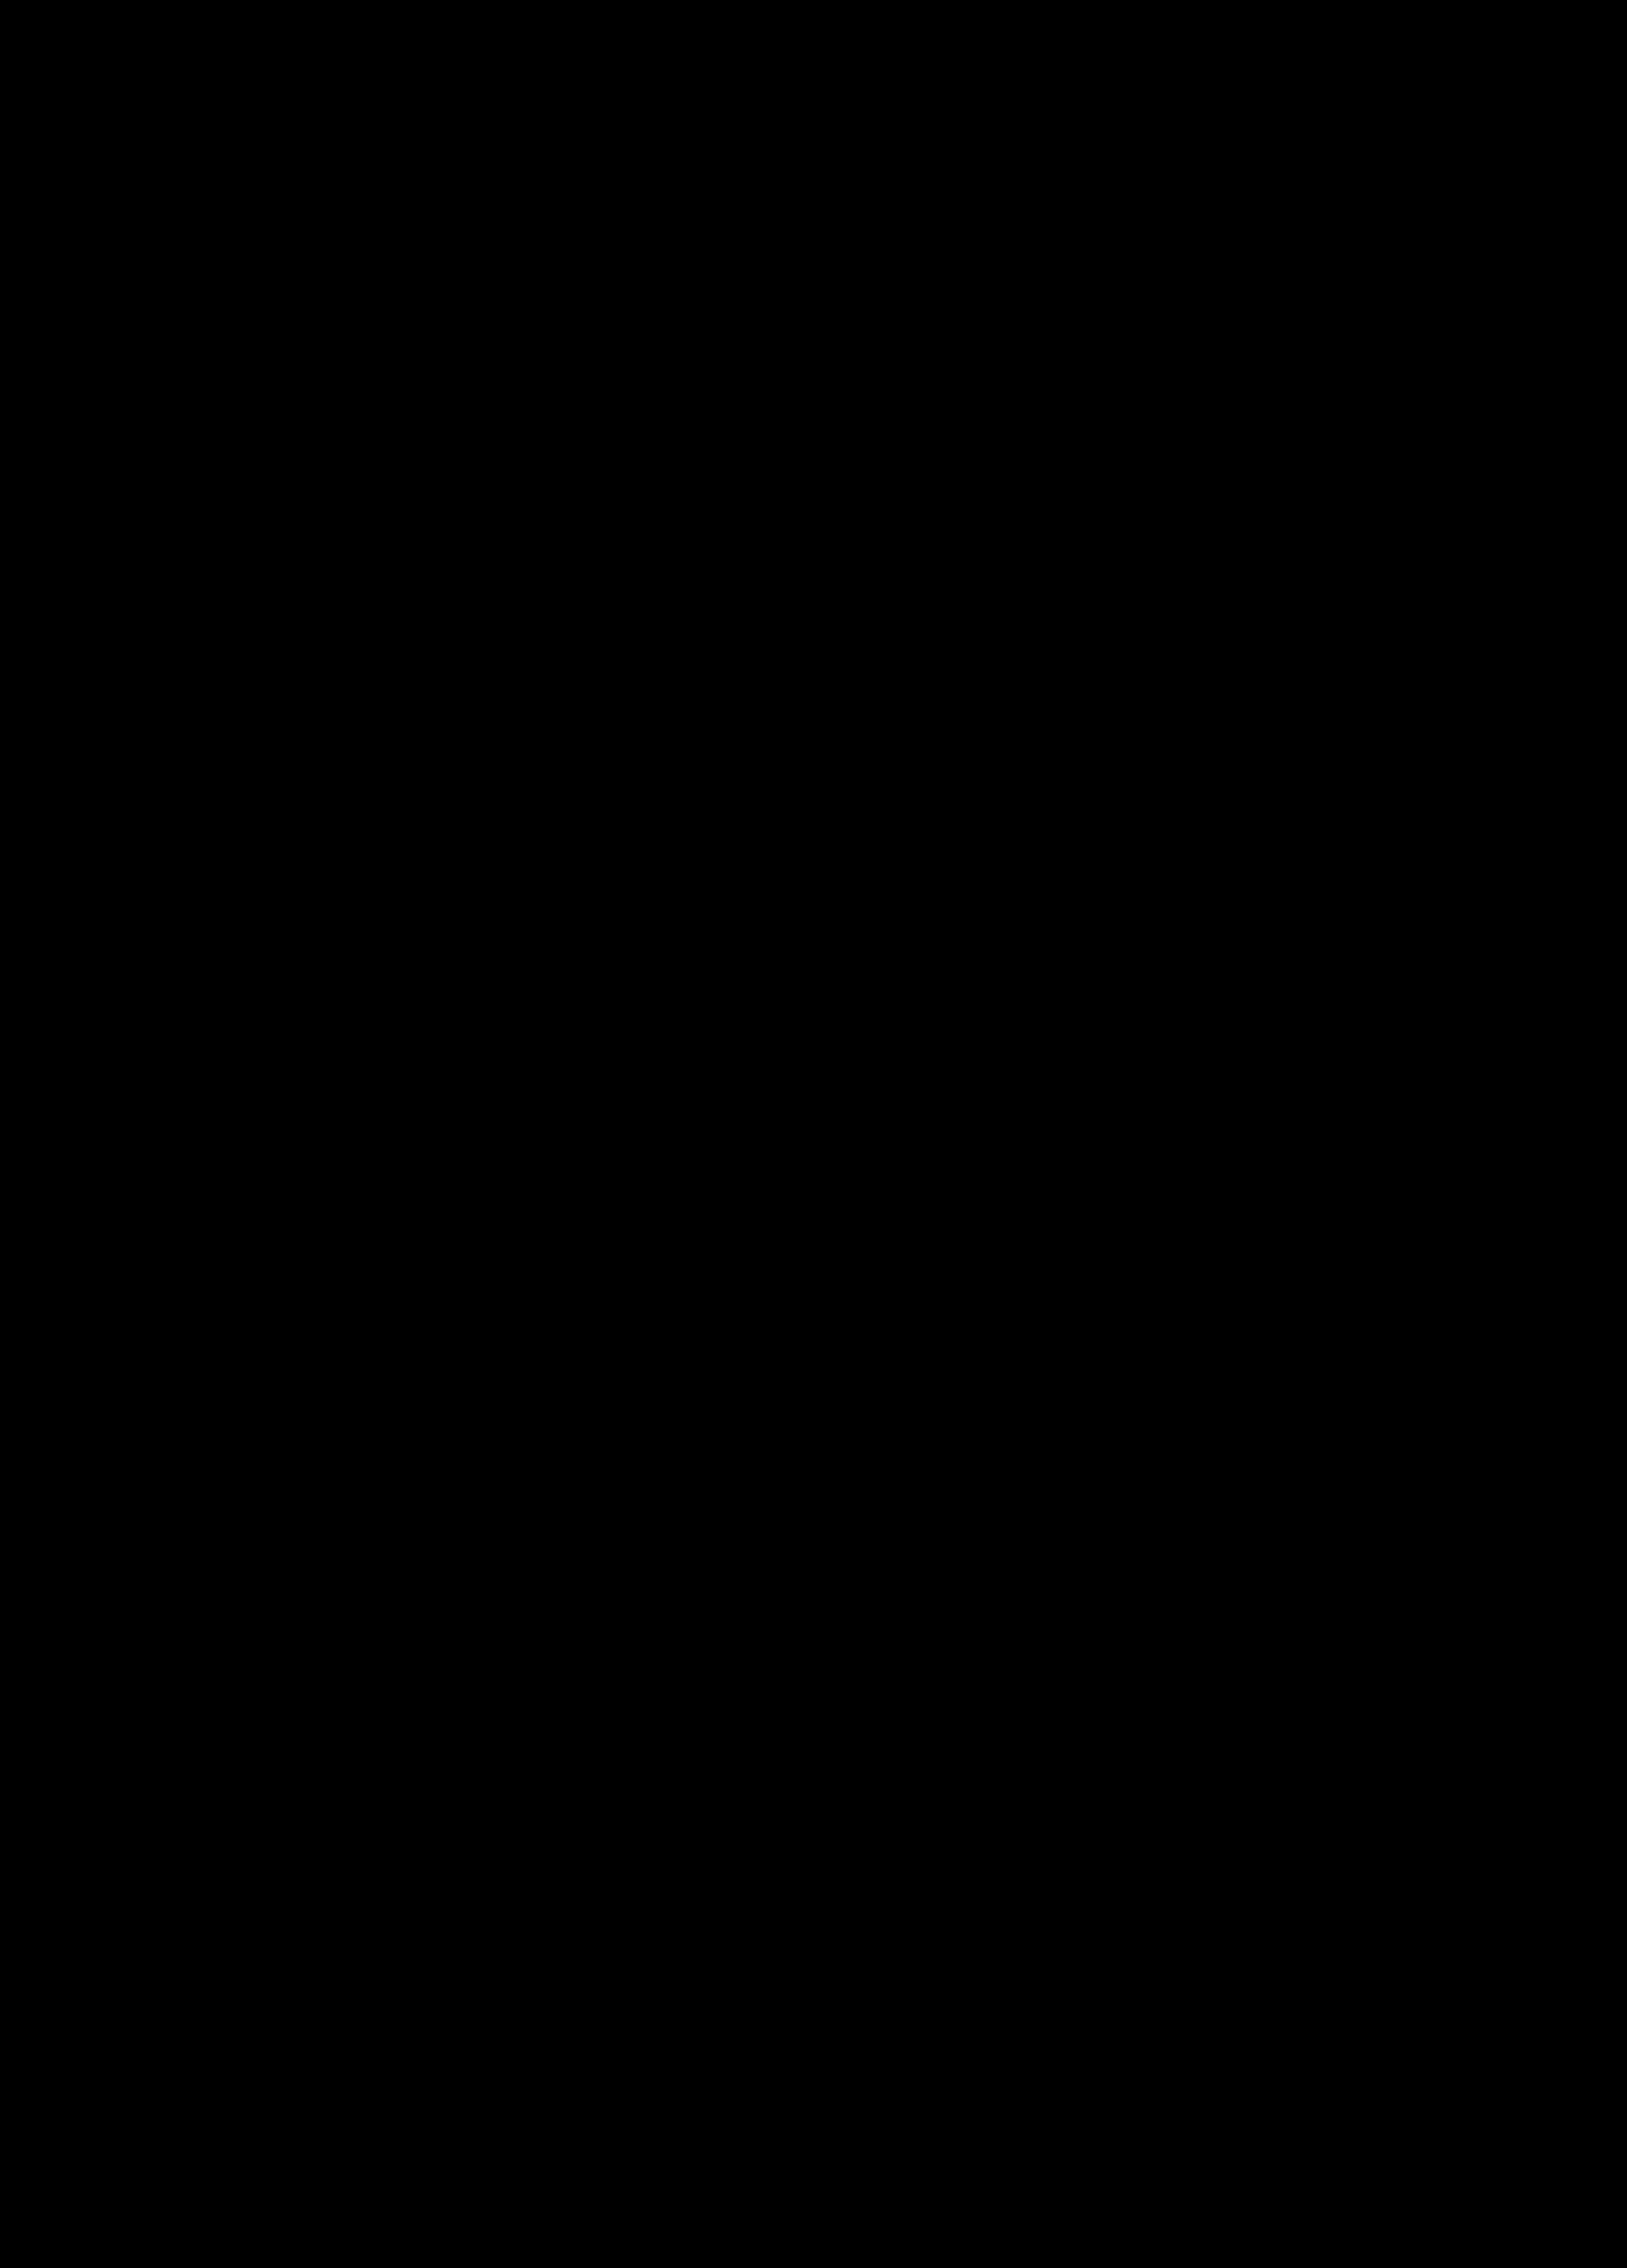 Avengers Wallpaper 4k For Pc Download Trick In 2020 Marvel Superheroes Marvel Posters Avengers Wallpaper